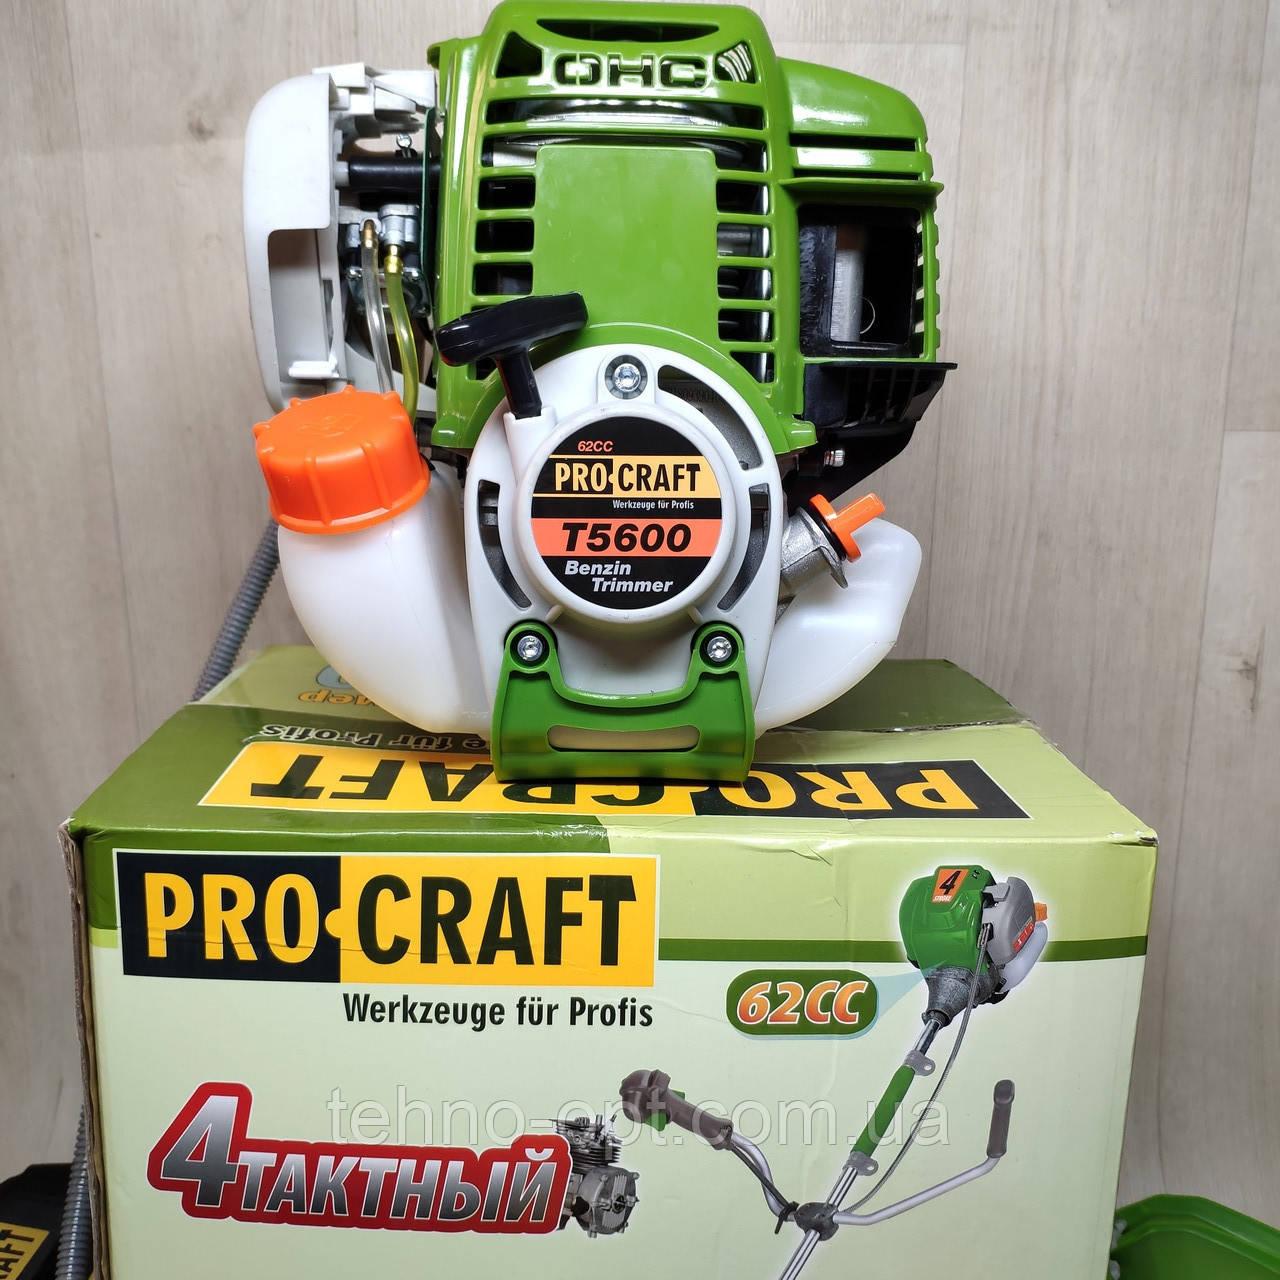 Мотокоса craft T5600 4-х тактная